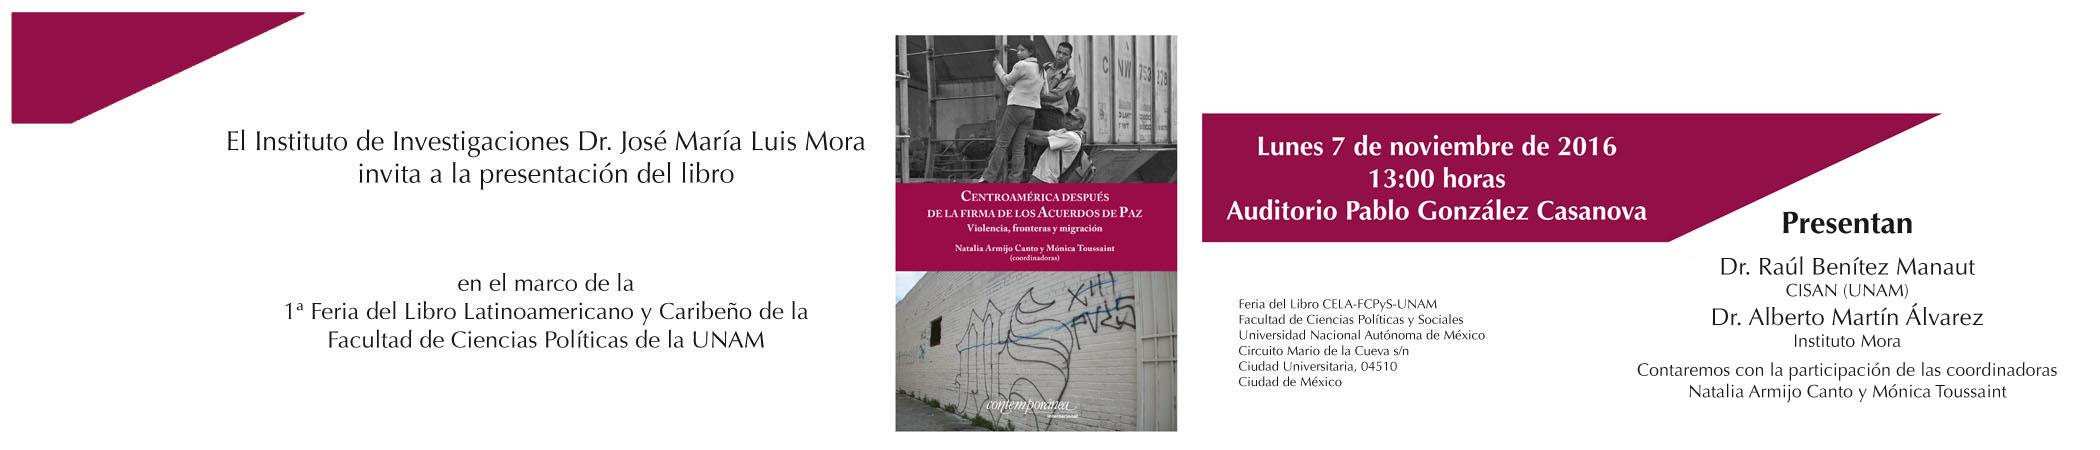 Presentación del libro Centroamérica después de la firma de los Acuerdos de Paz